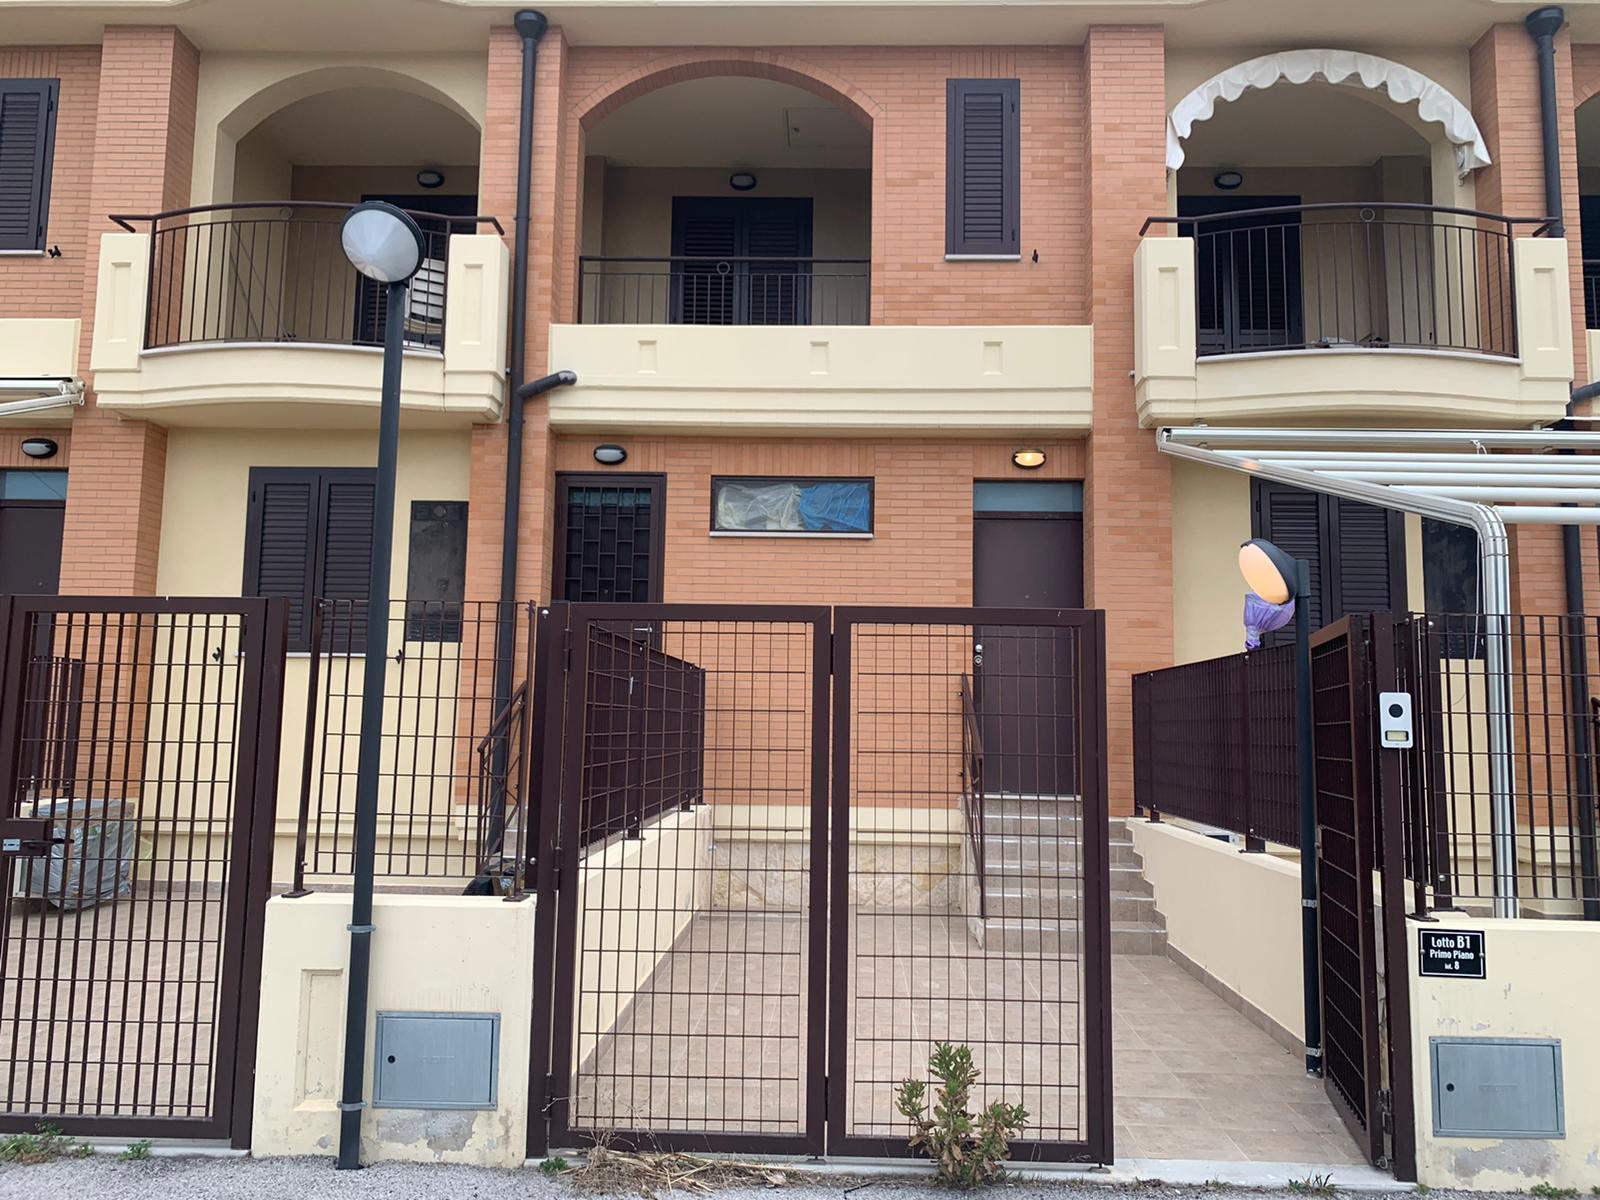 Appartamento in vendita a Campomarino, 4 locali, zona Località: LidodiCampomarino, prezzo € 105.000 | PortaleAgenzieImmobiliari.it